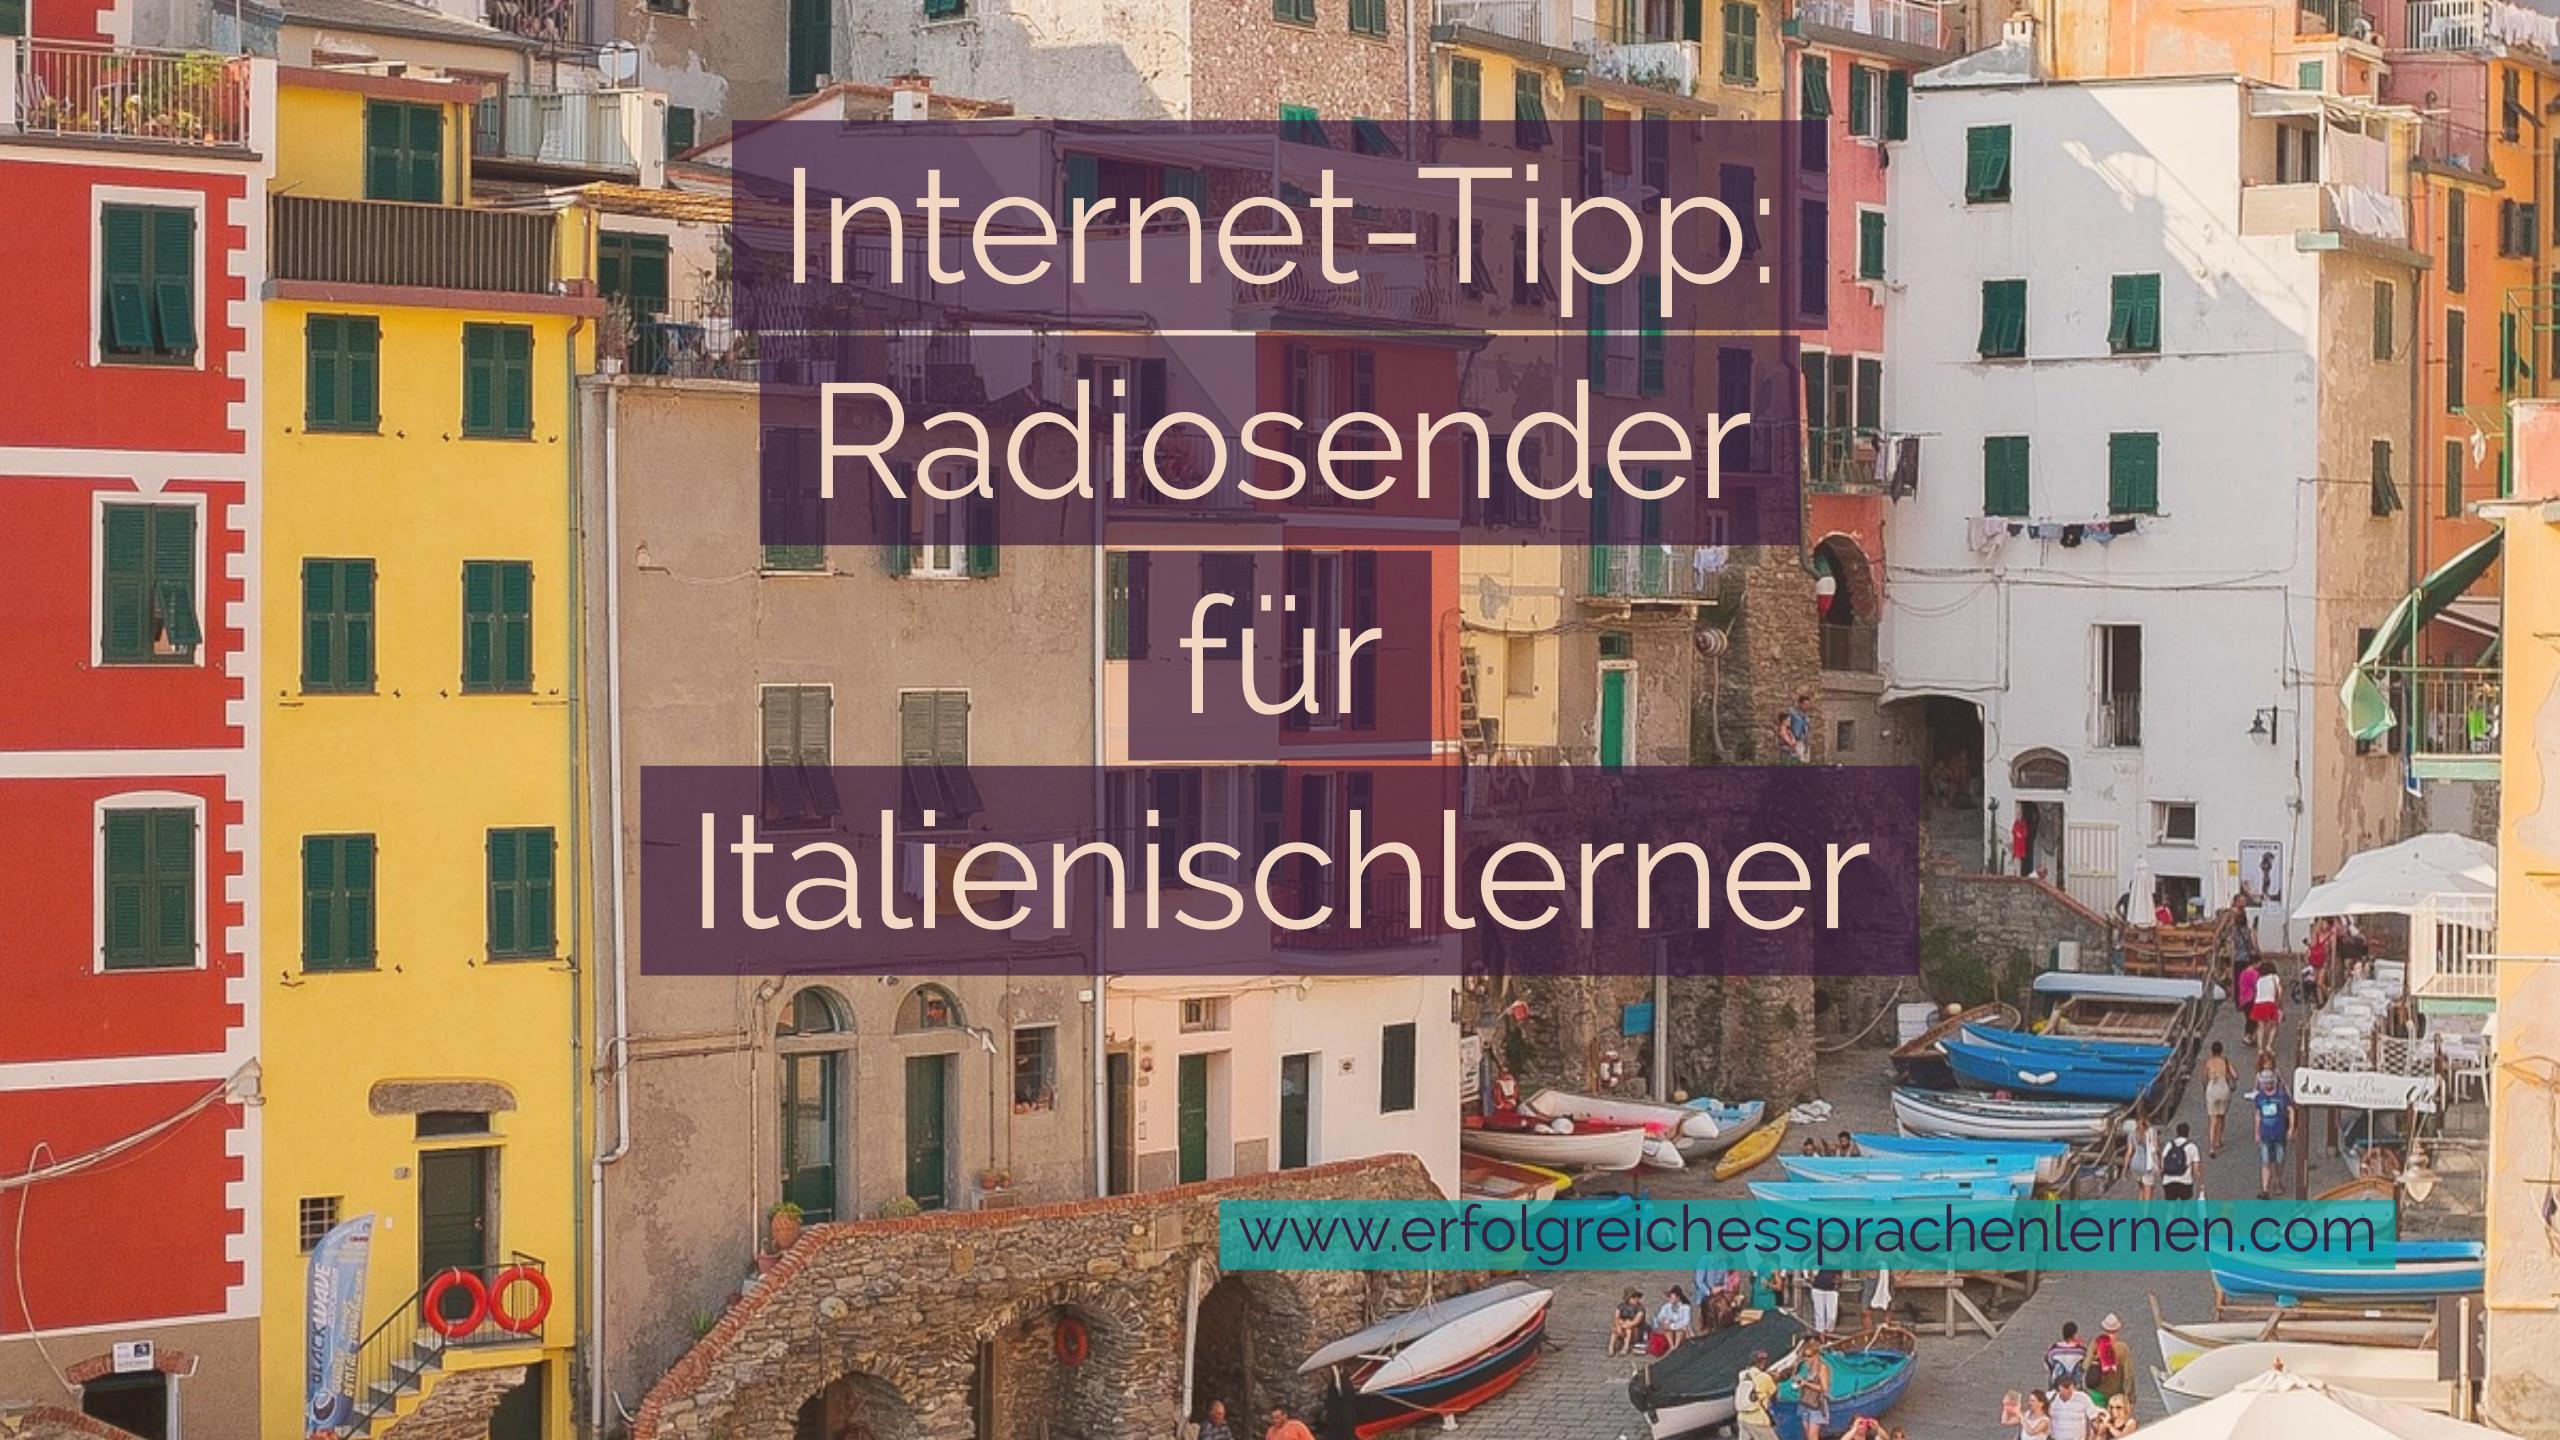 Radio für Italienischlerner